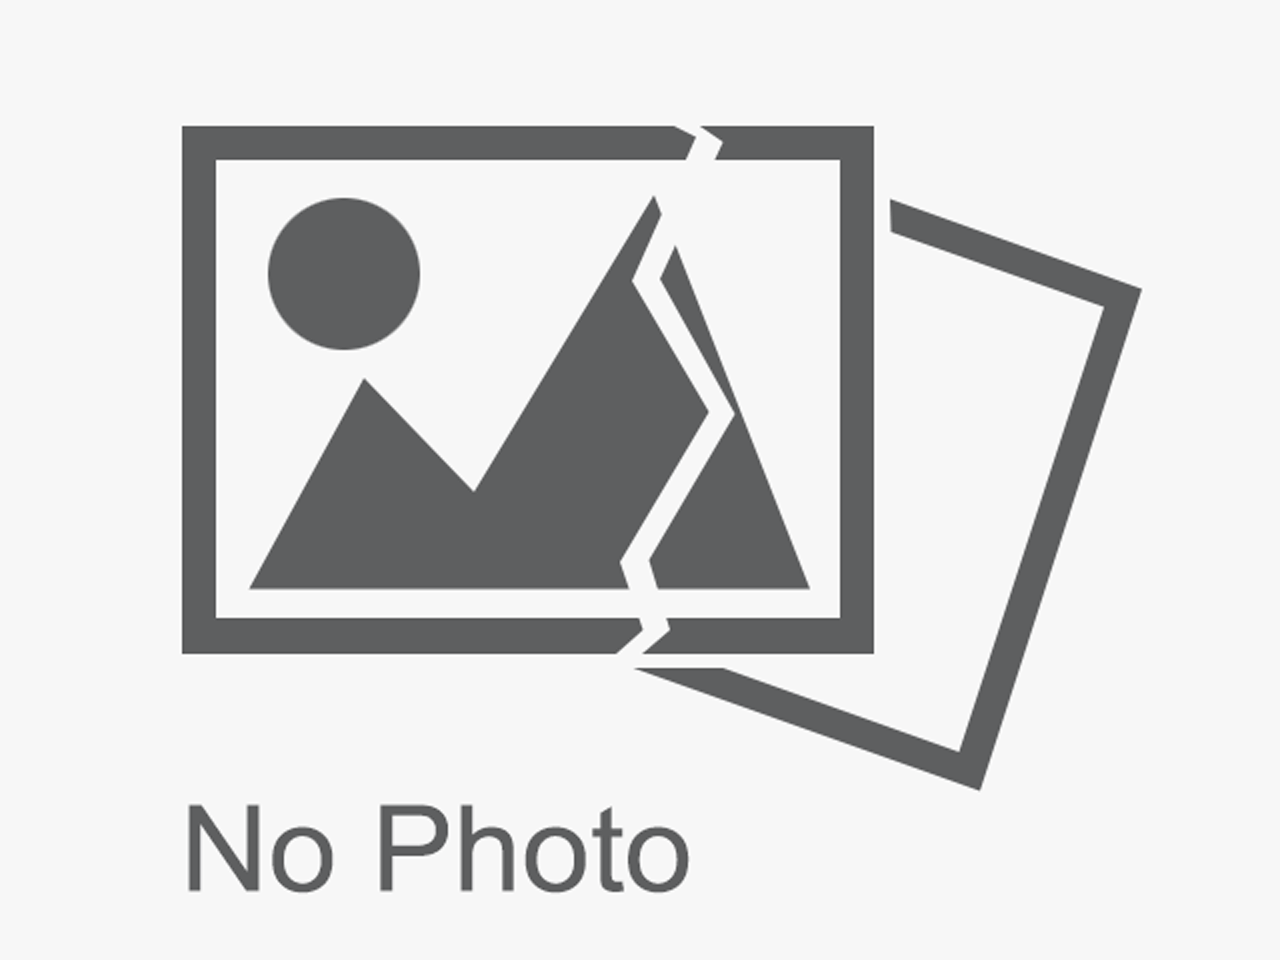 Használt SSANGYONG KORANDO 2.2 D Váltó Kulissza / Sebességváltó Kulissza Alkatrész